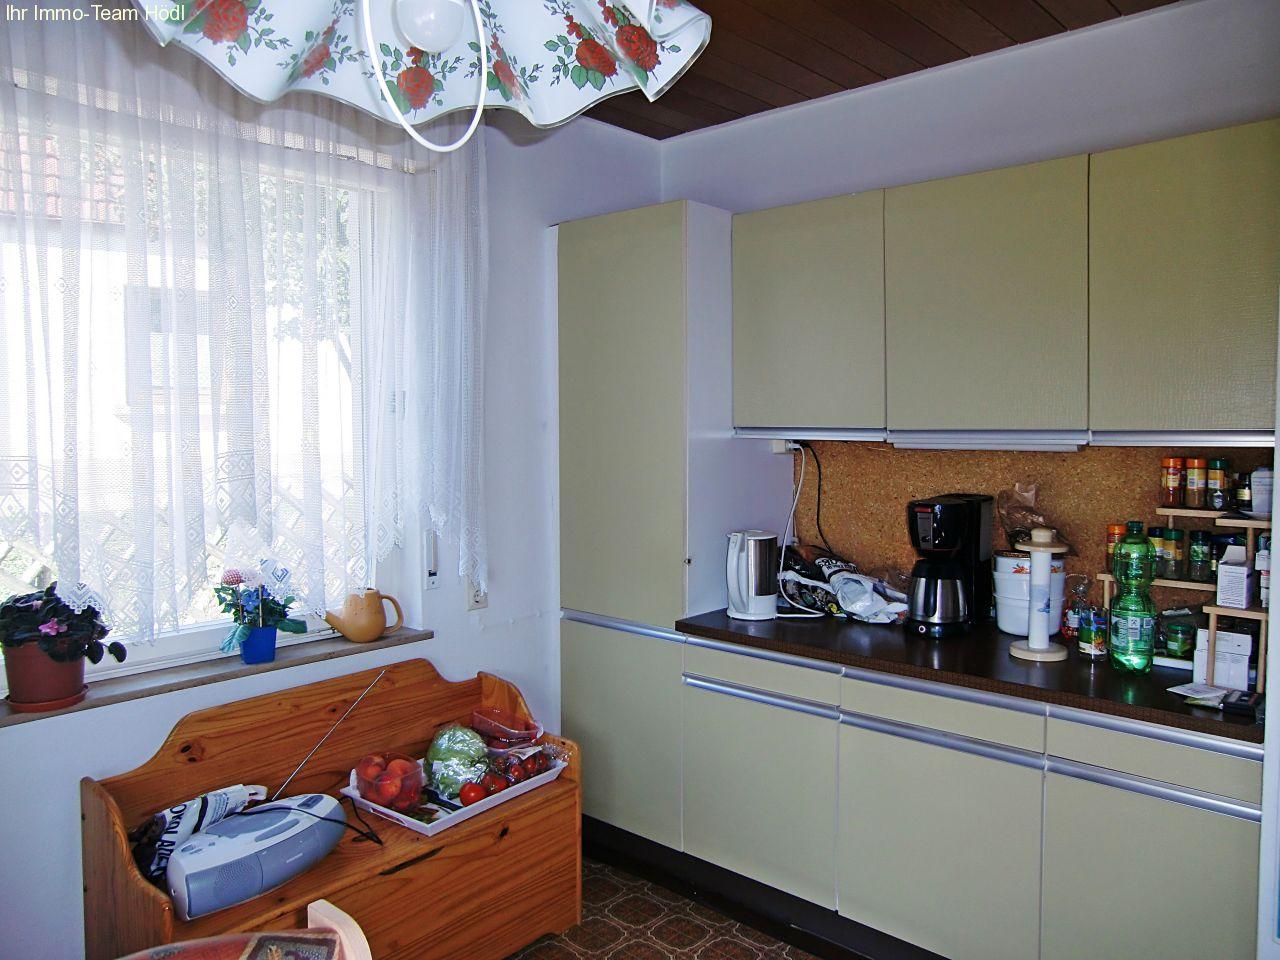 referenzen reutlingen wohnen wie im eigenem haus. Black Bedroom Furniture Sets. Home Design Ideas